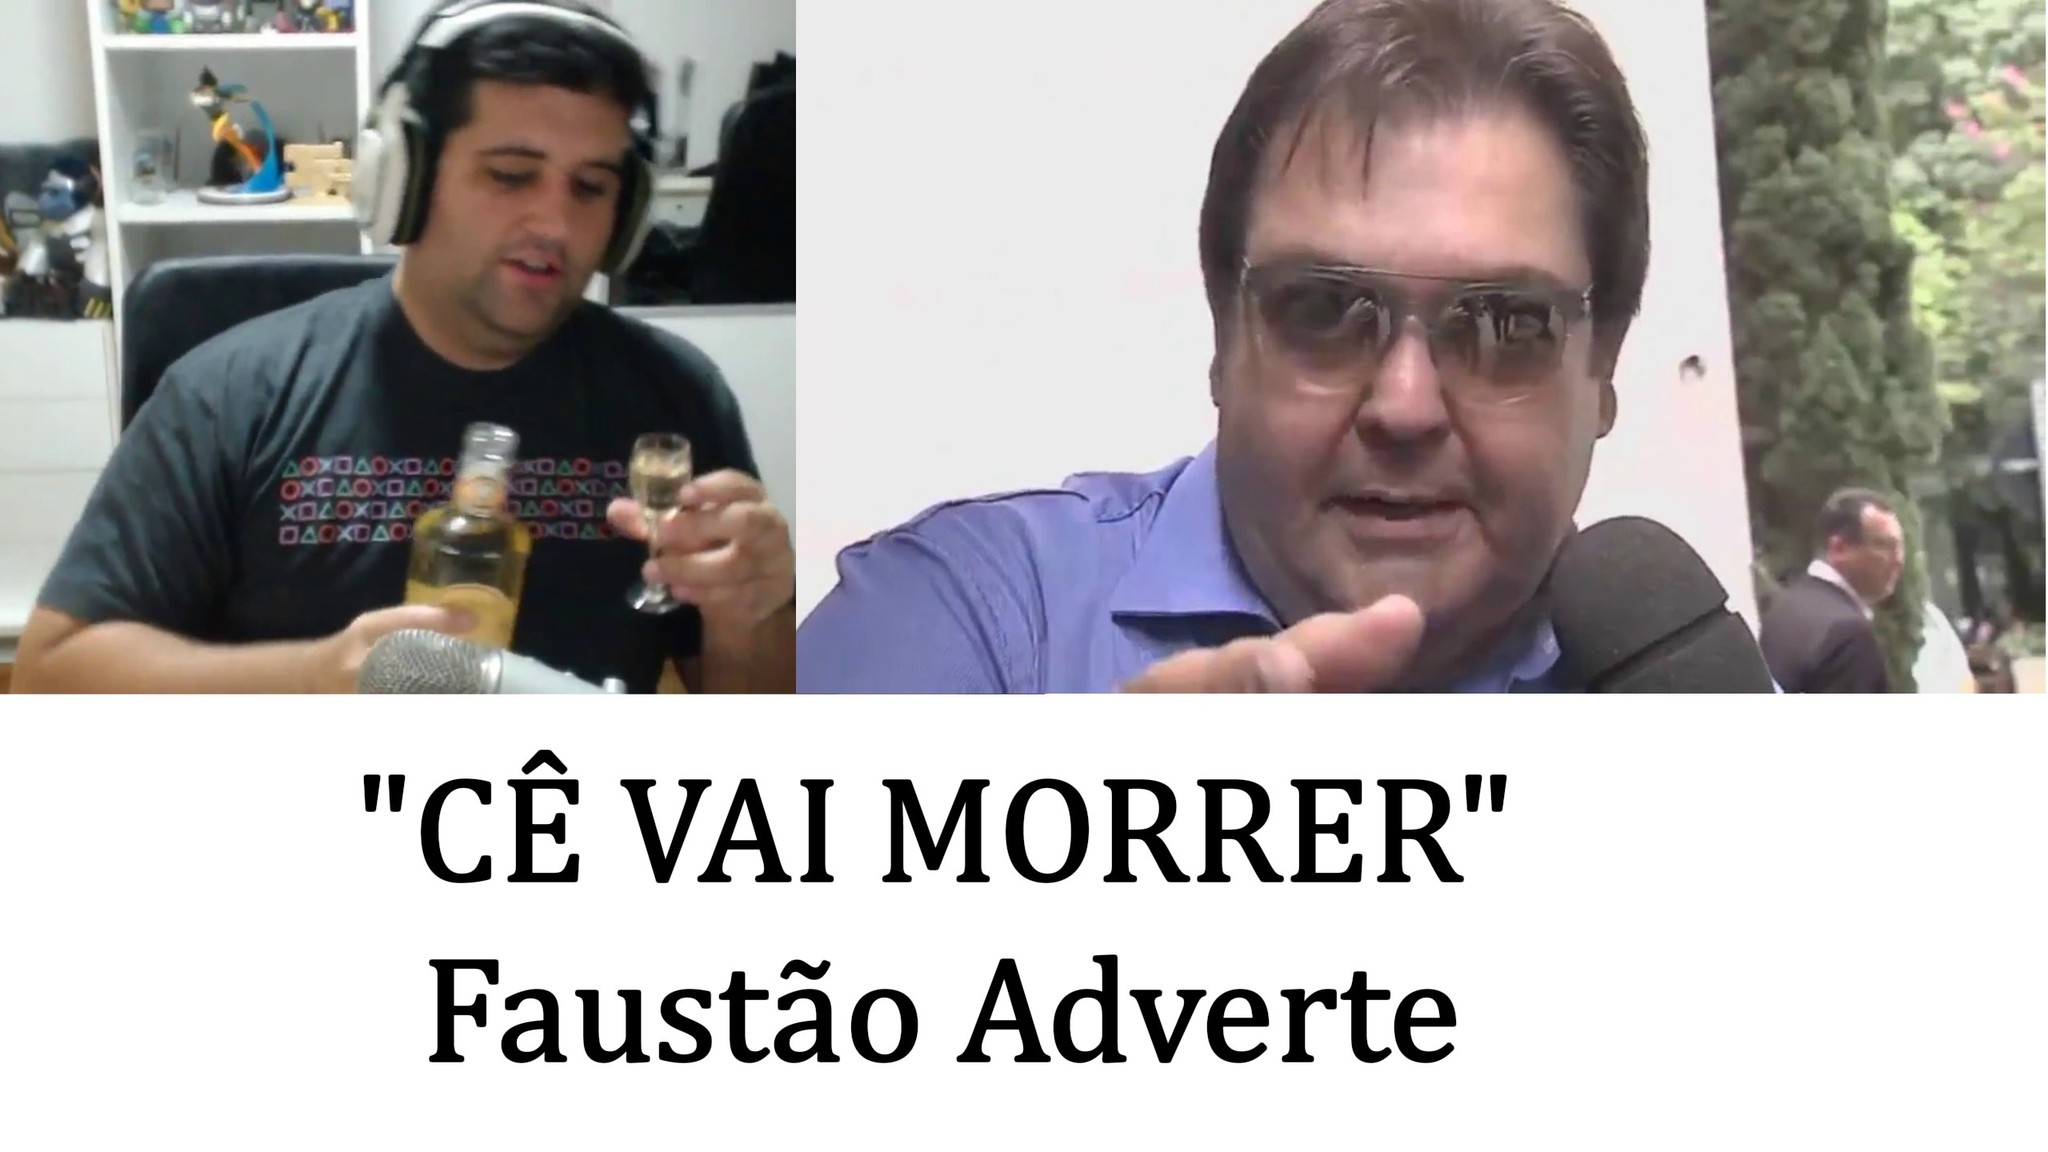 Ce Vai Morrer Dava Jonas Cachaça Pimba - meme